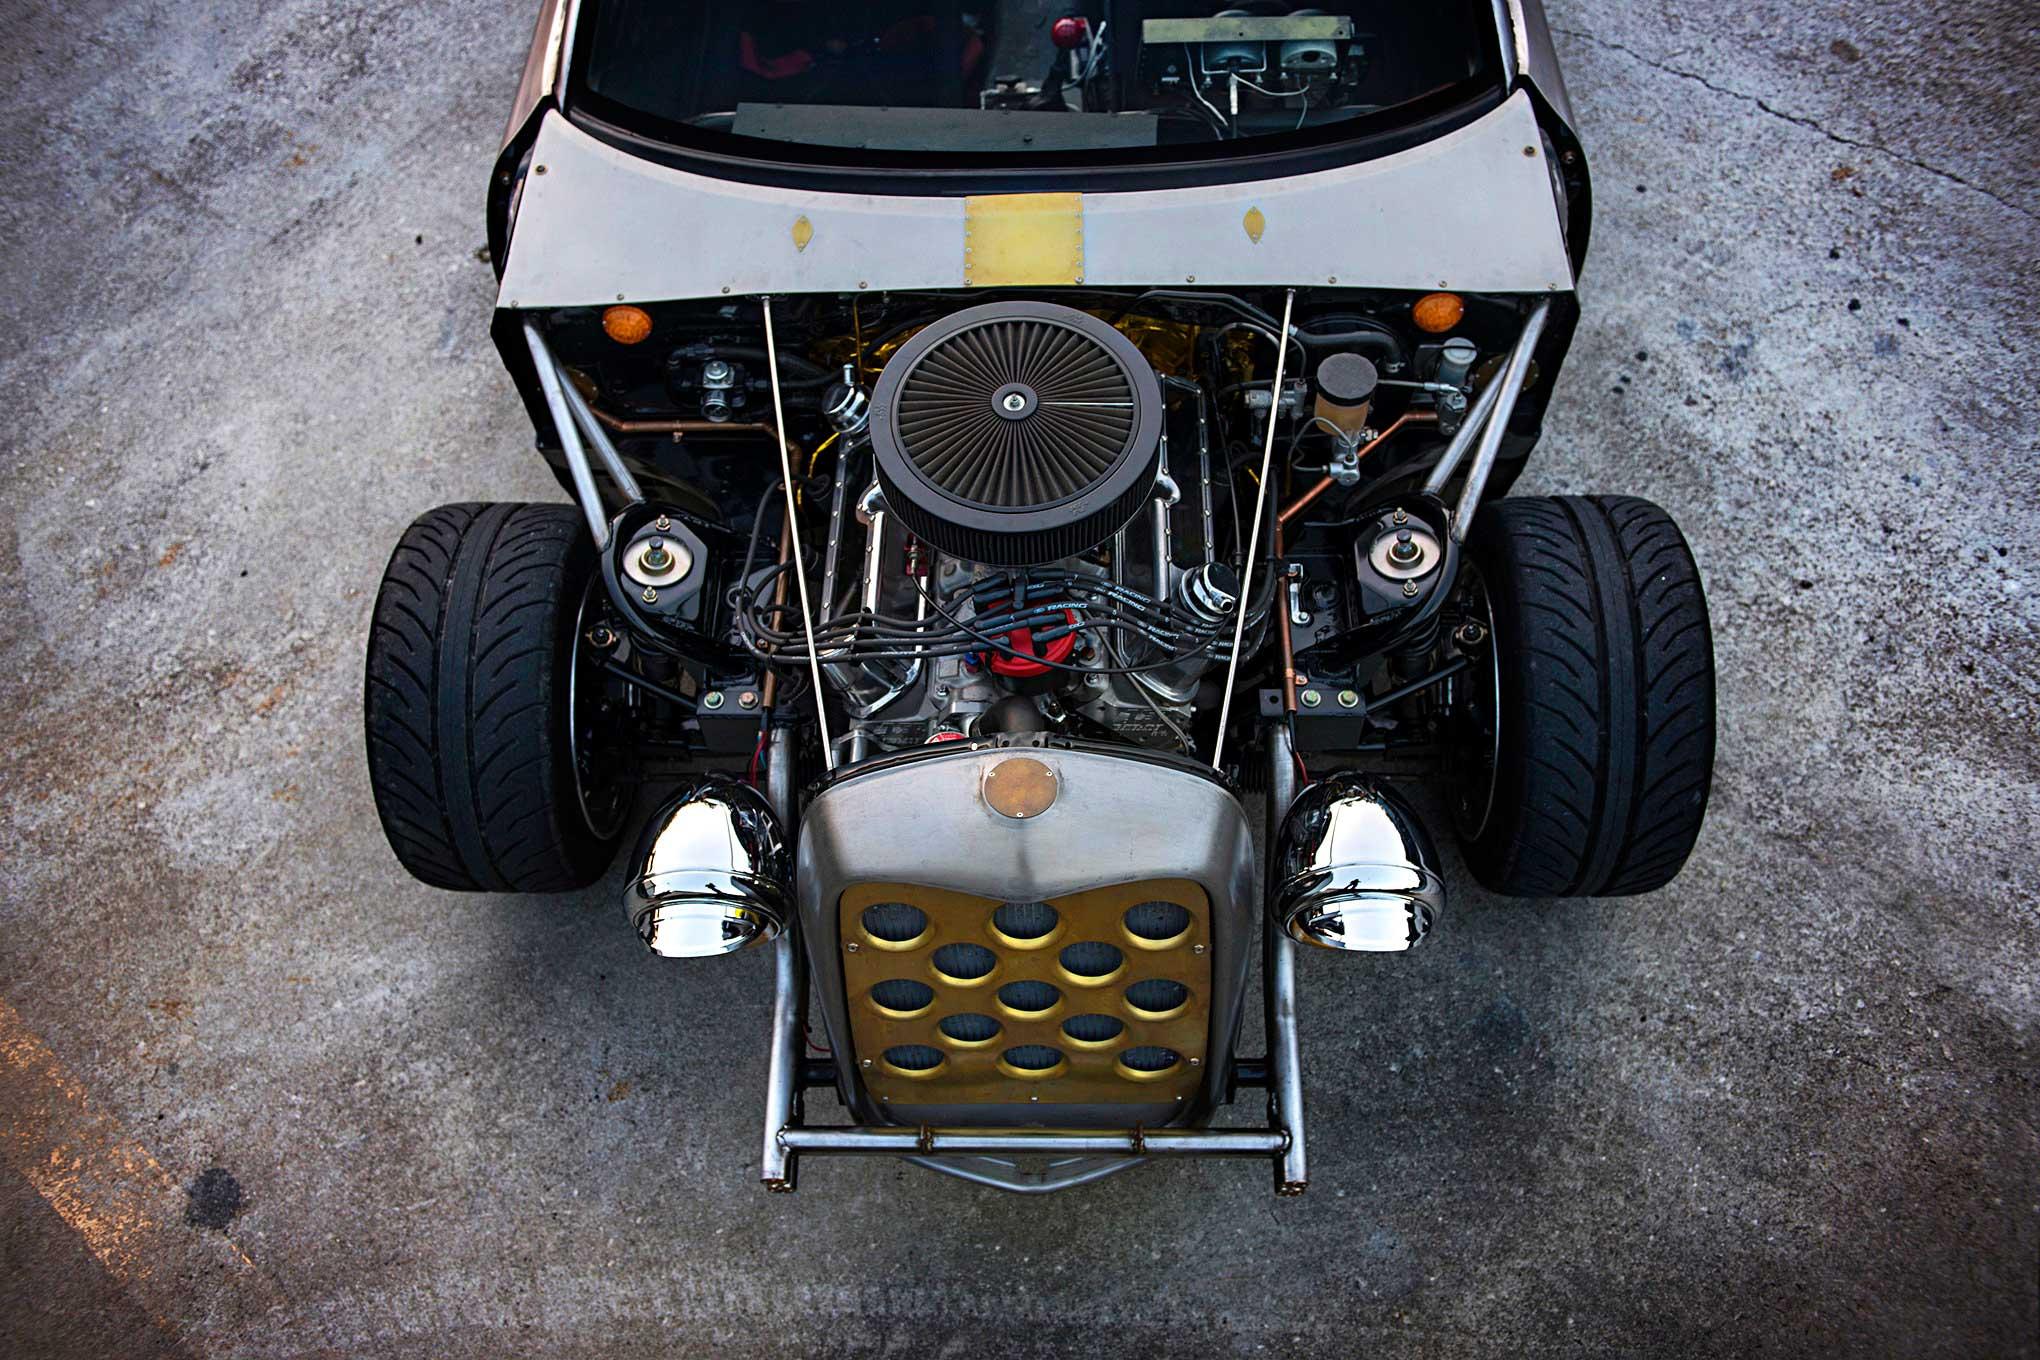 1991 Mazda Miata - The Hot Rod Miata Photo & Image Gallery